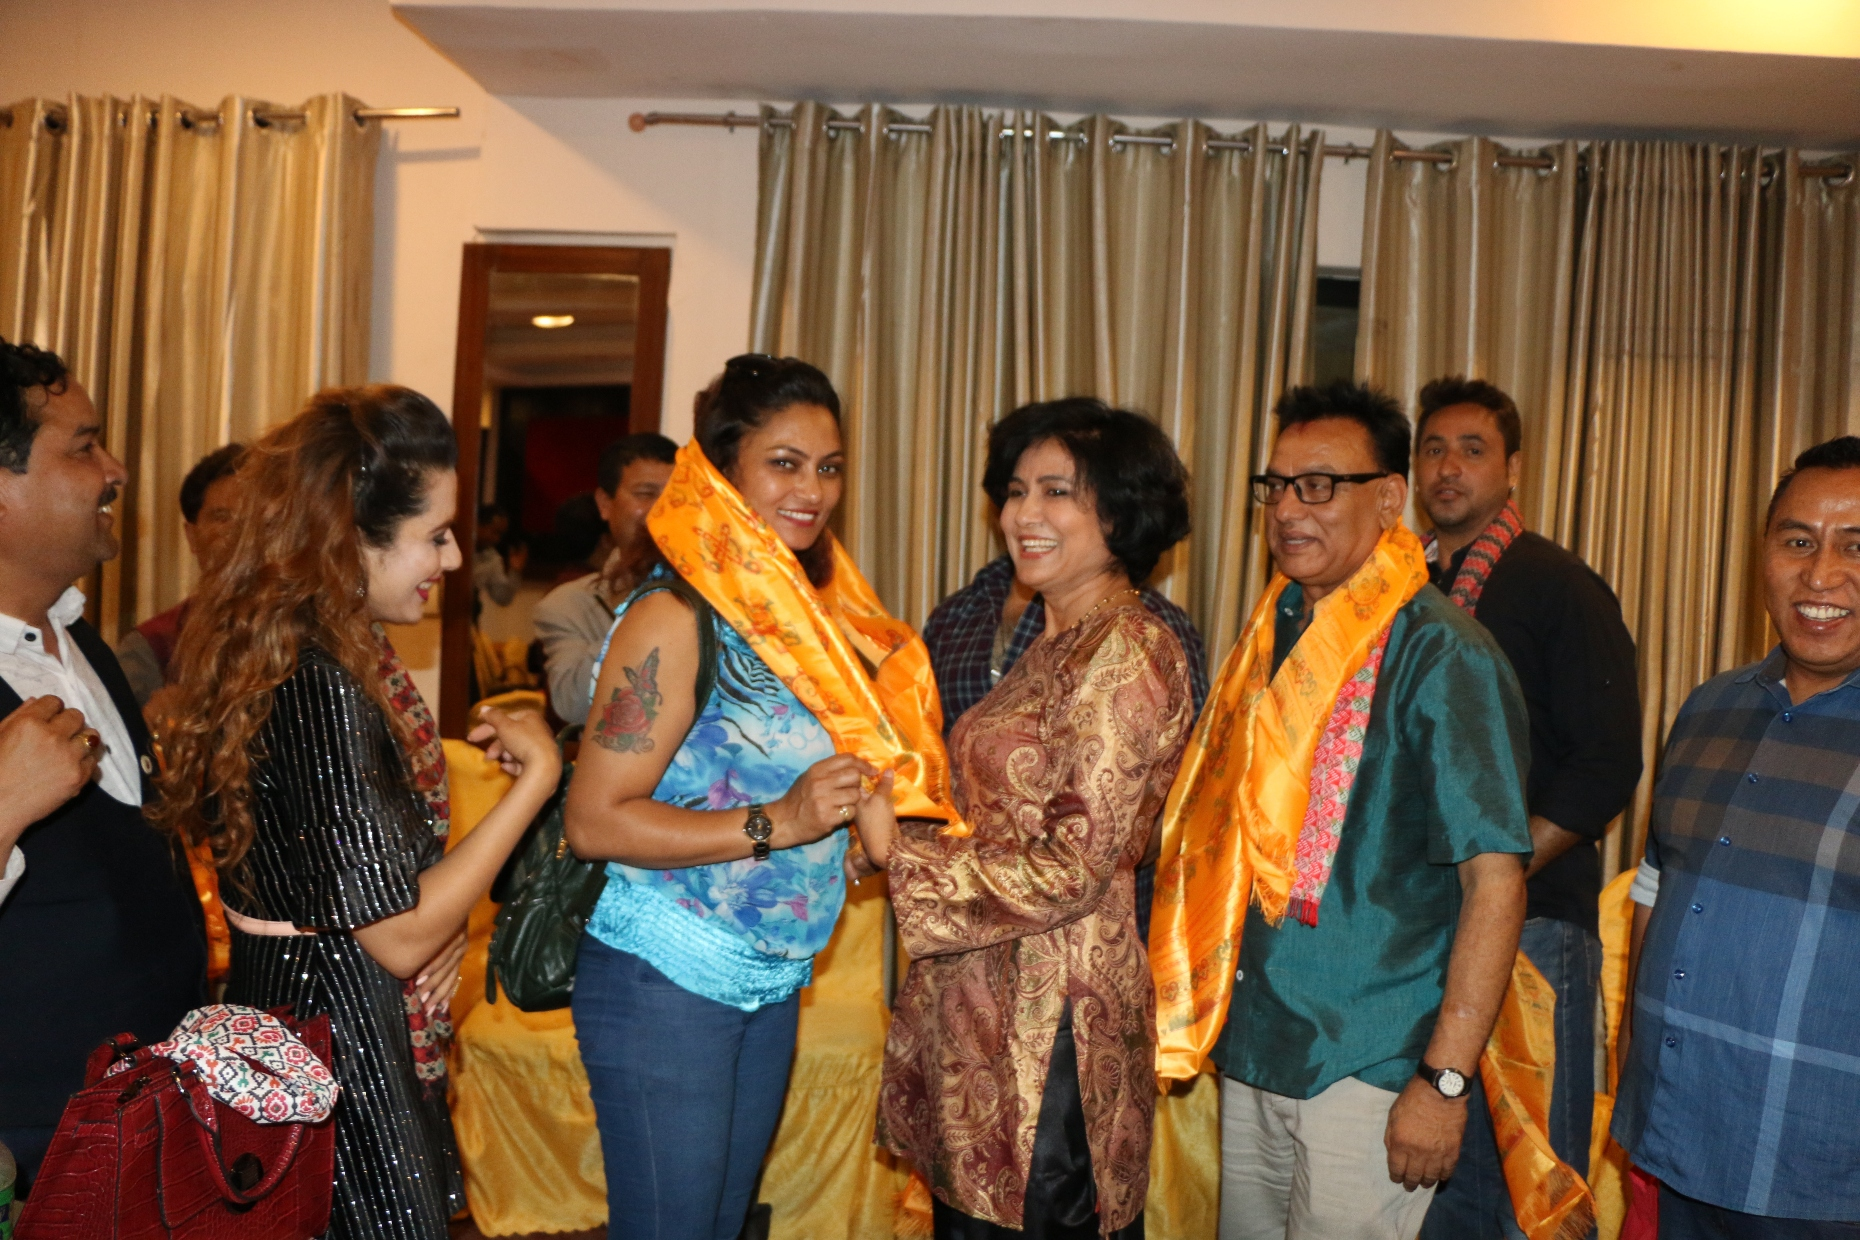 नेपाल फिल्म सोसाईटी द्वारा कलाकार संघका नब निर्बाचित कार्य समितिलाई बधाई ज्ञापन